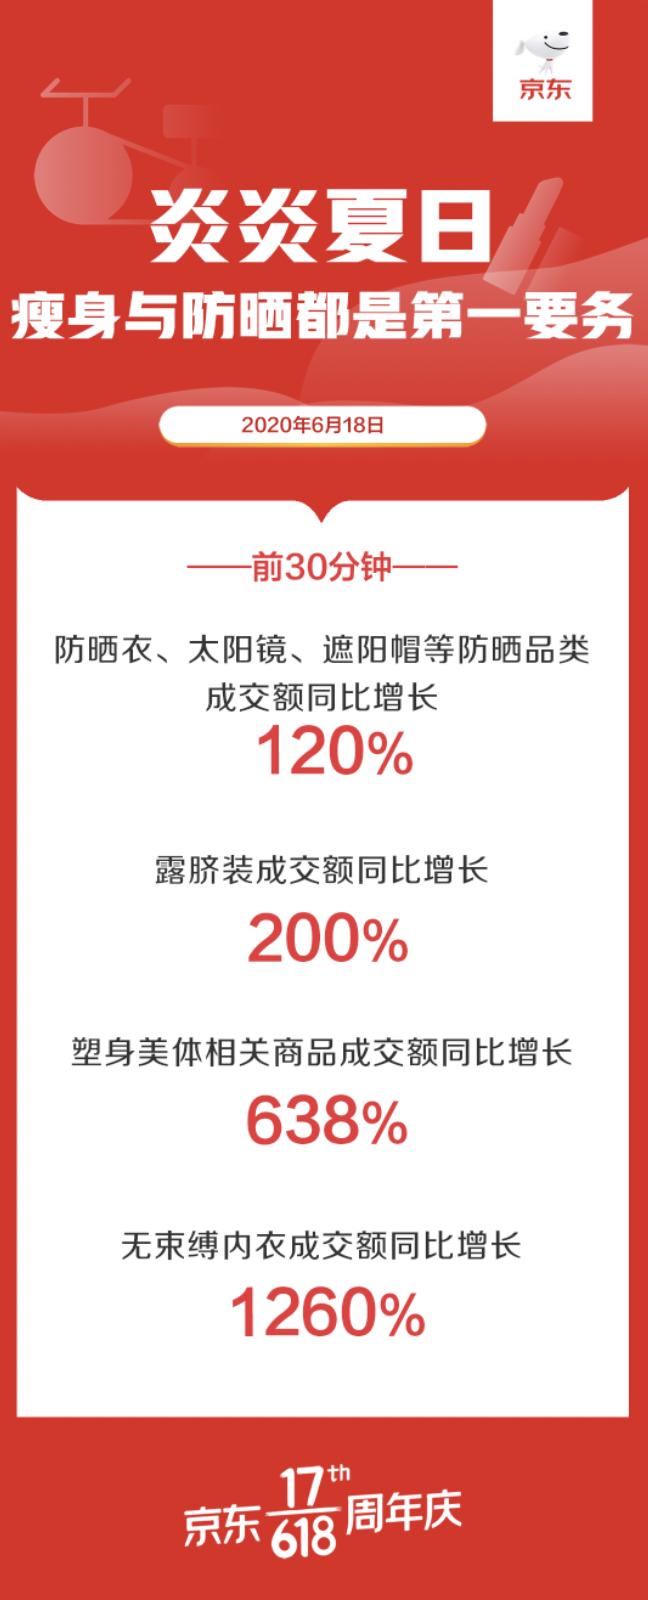 涂得多更要捂得严 京东618防晒品类前30分钟成交额同比增长120%